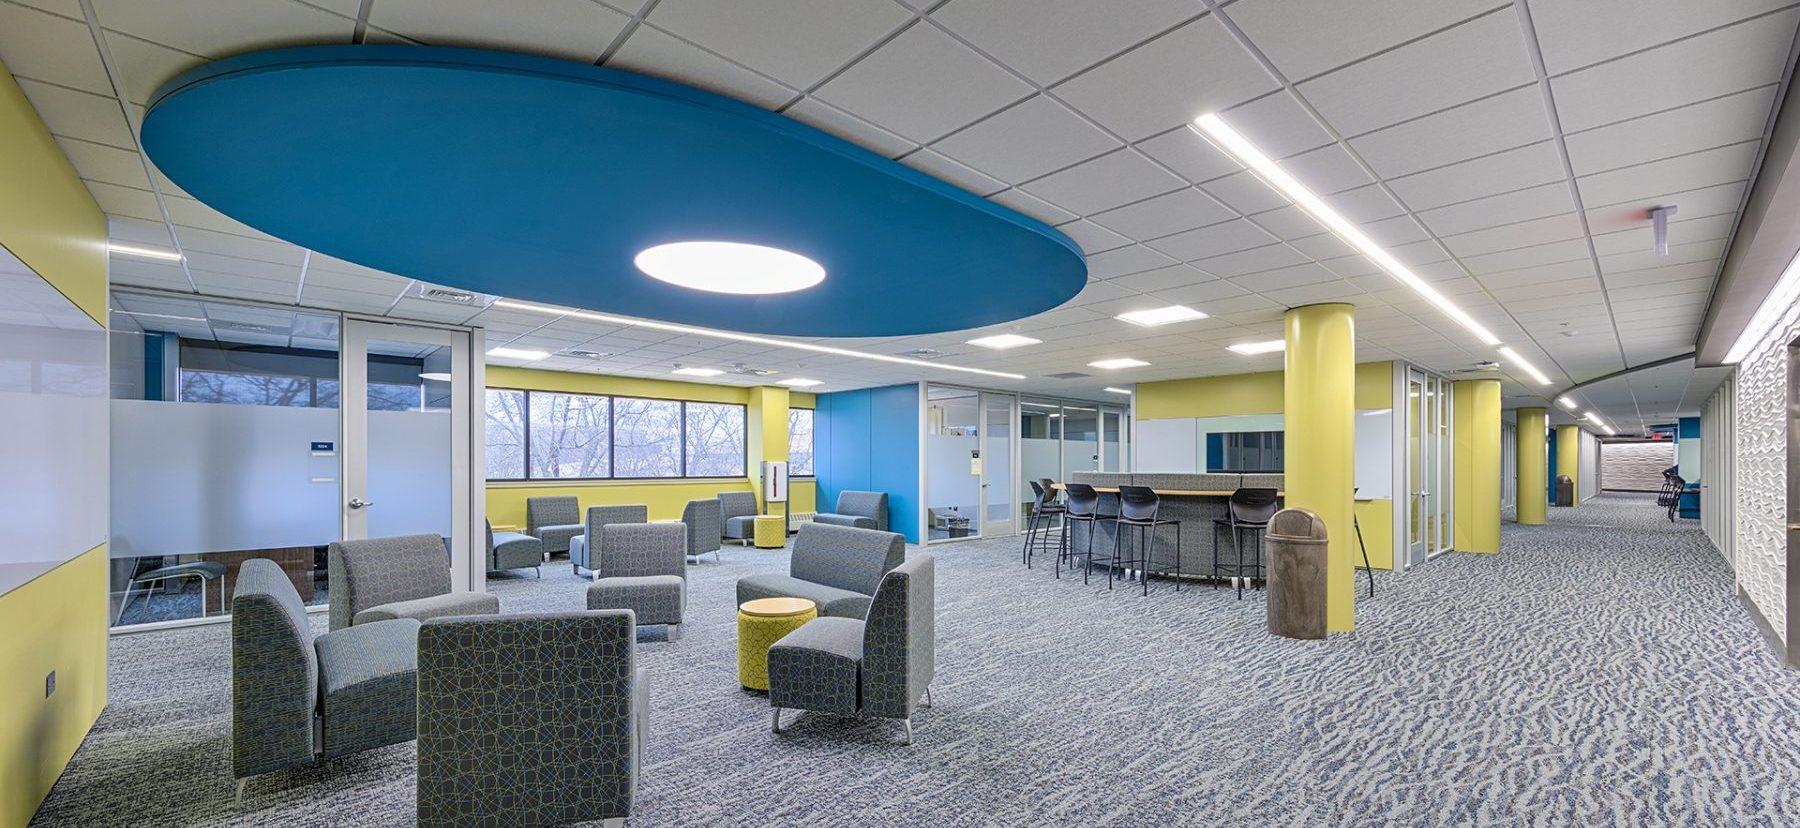 Richland Carroll Center for Innovation